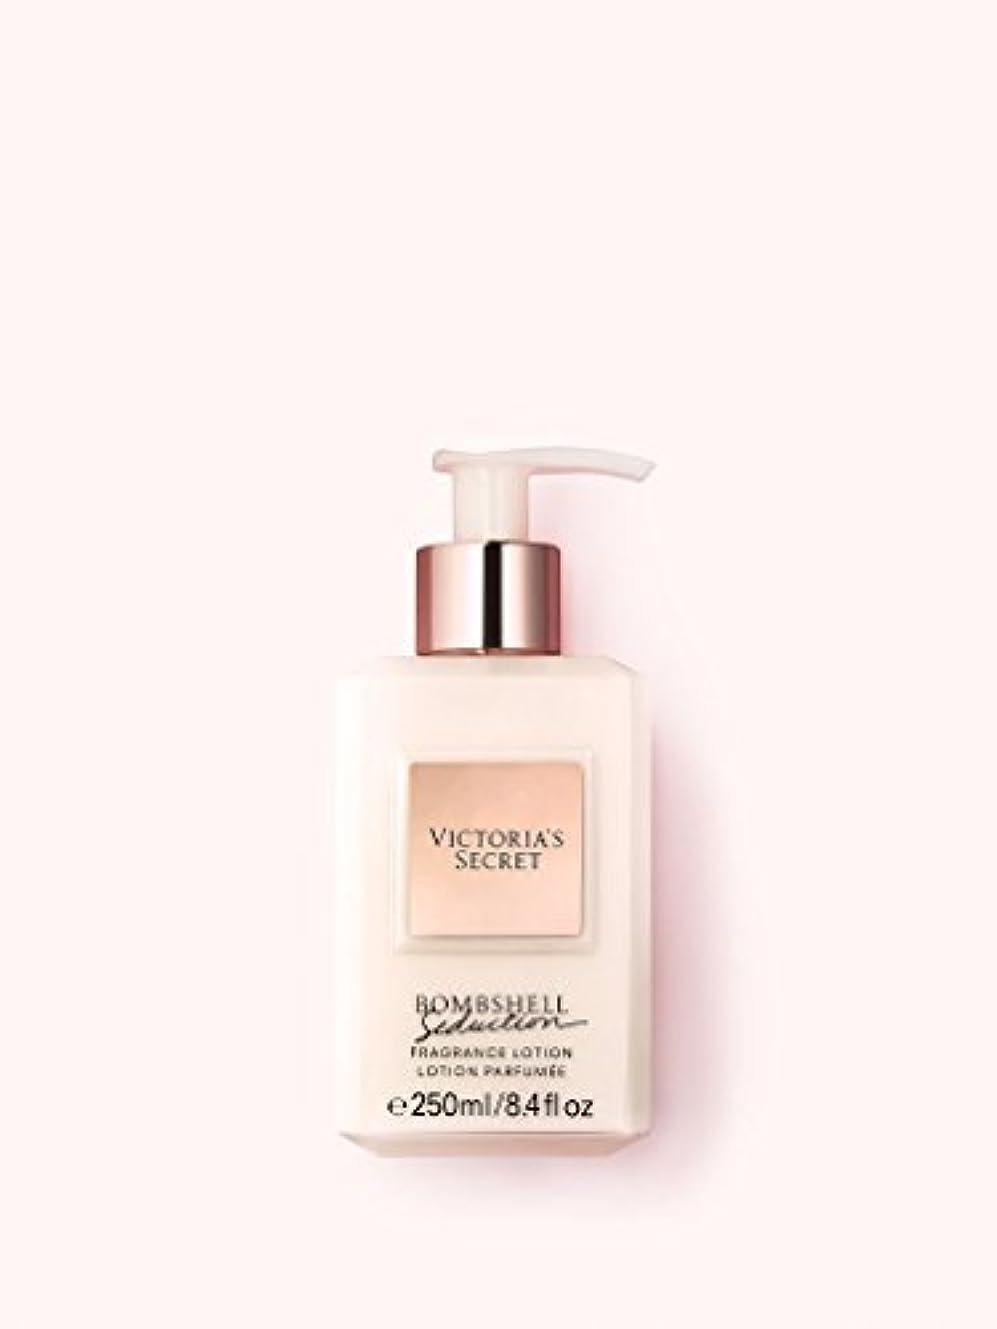 減衰記憶に残る価格【並行輸入品】Victoria's Secret Bombshell Seduction Fragrance Lotion ヴィクトリアズシークレットボムシェルセダクションローション